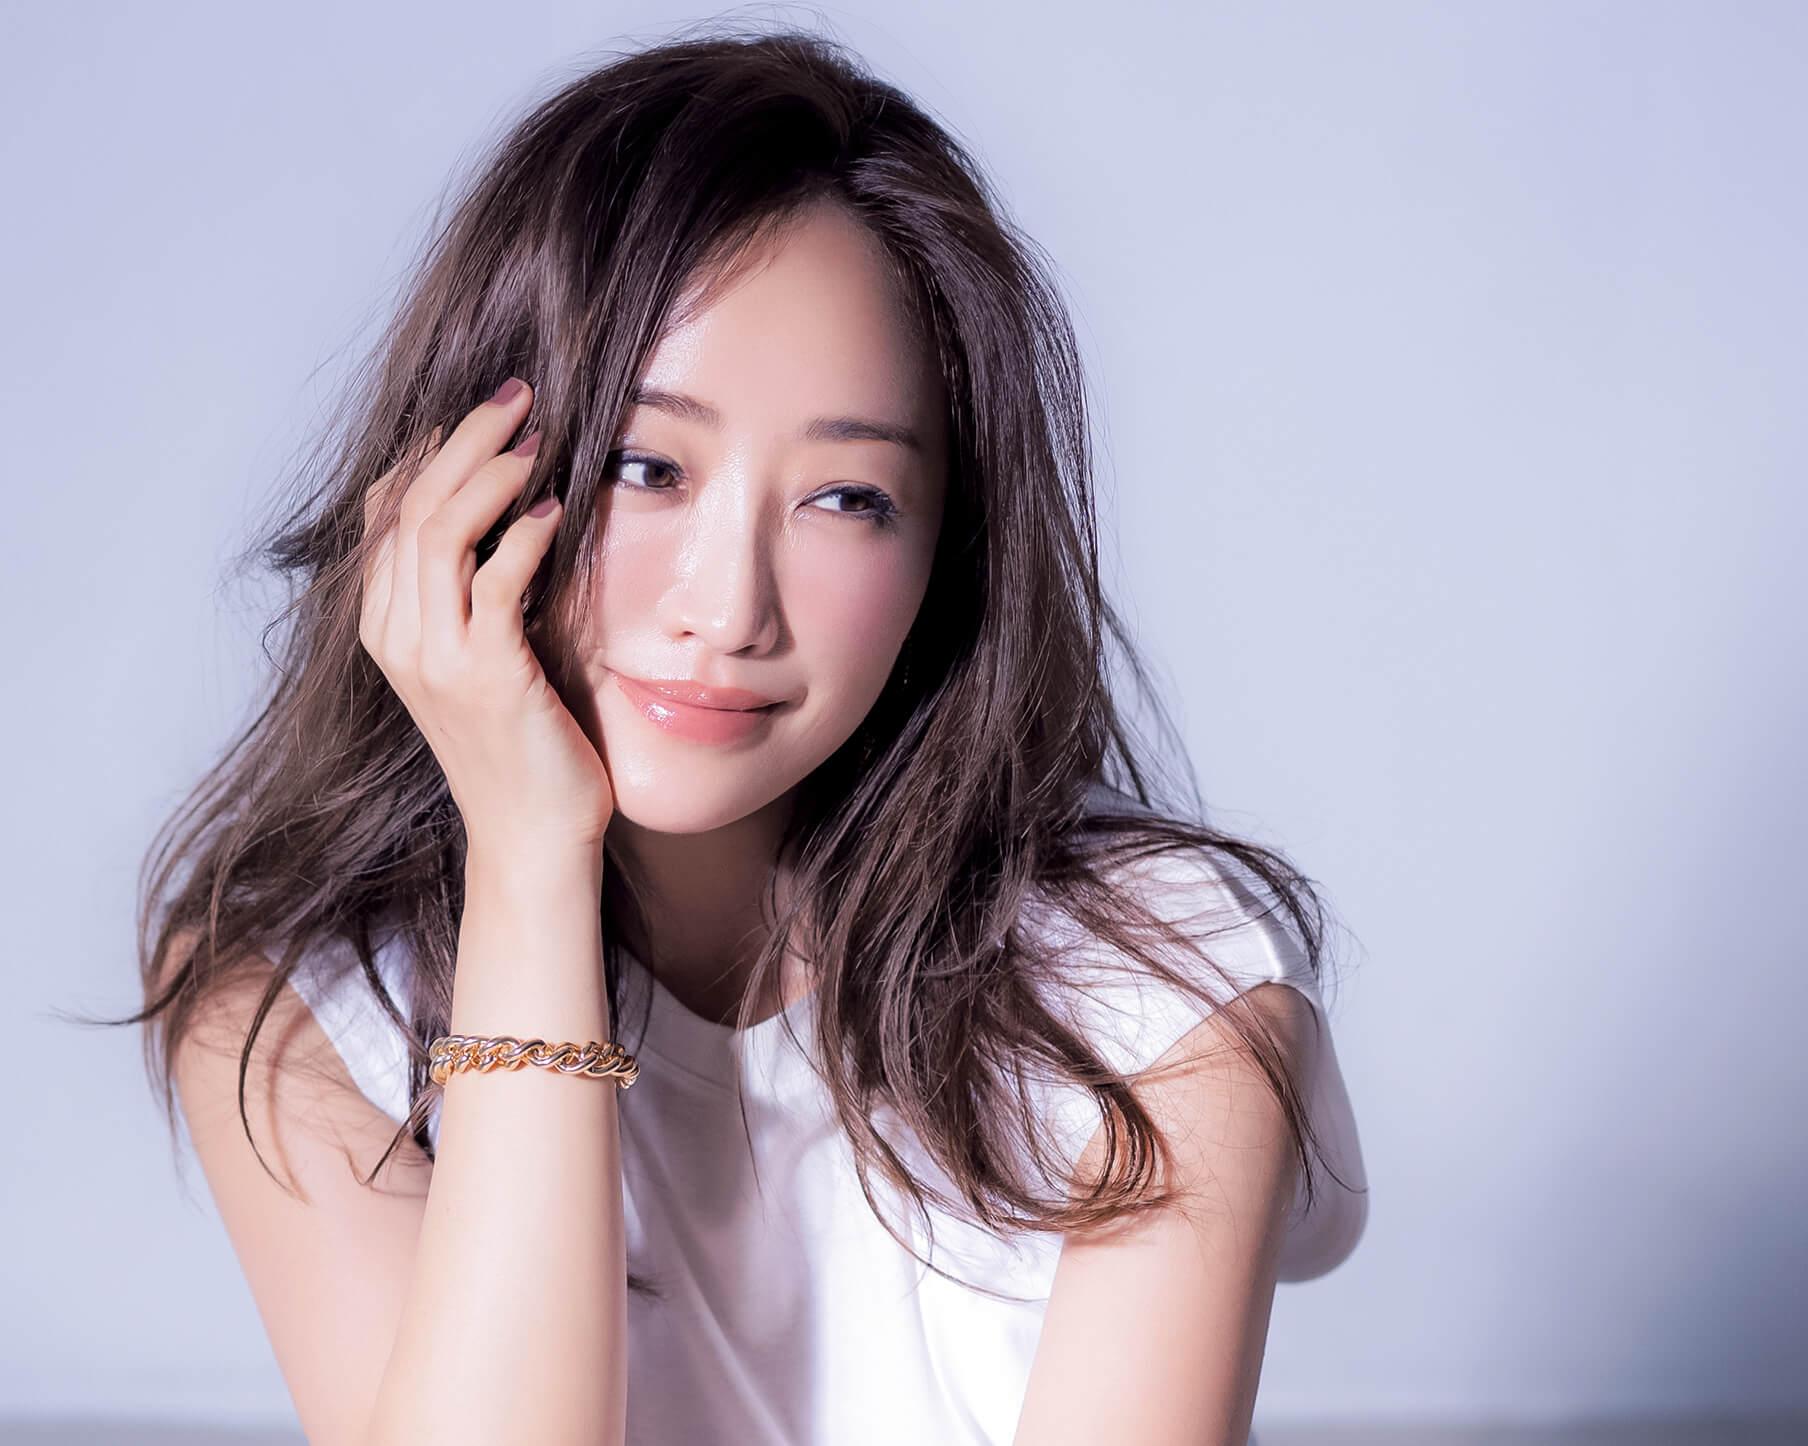 美容家・神崎恵さんの美白肌の元!